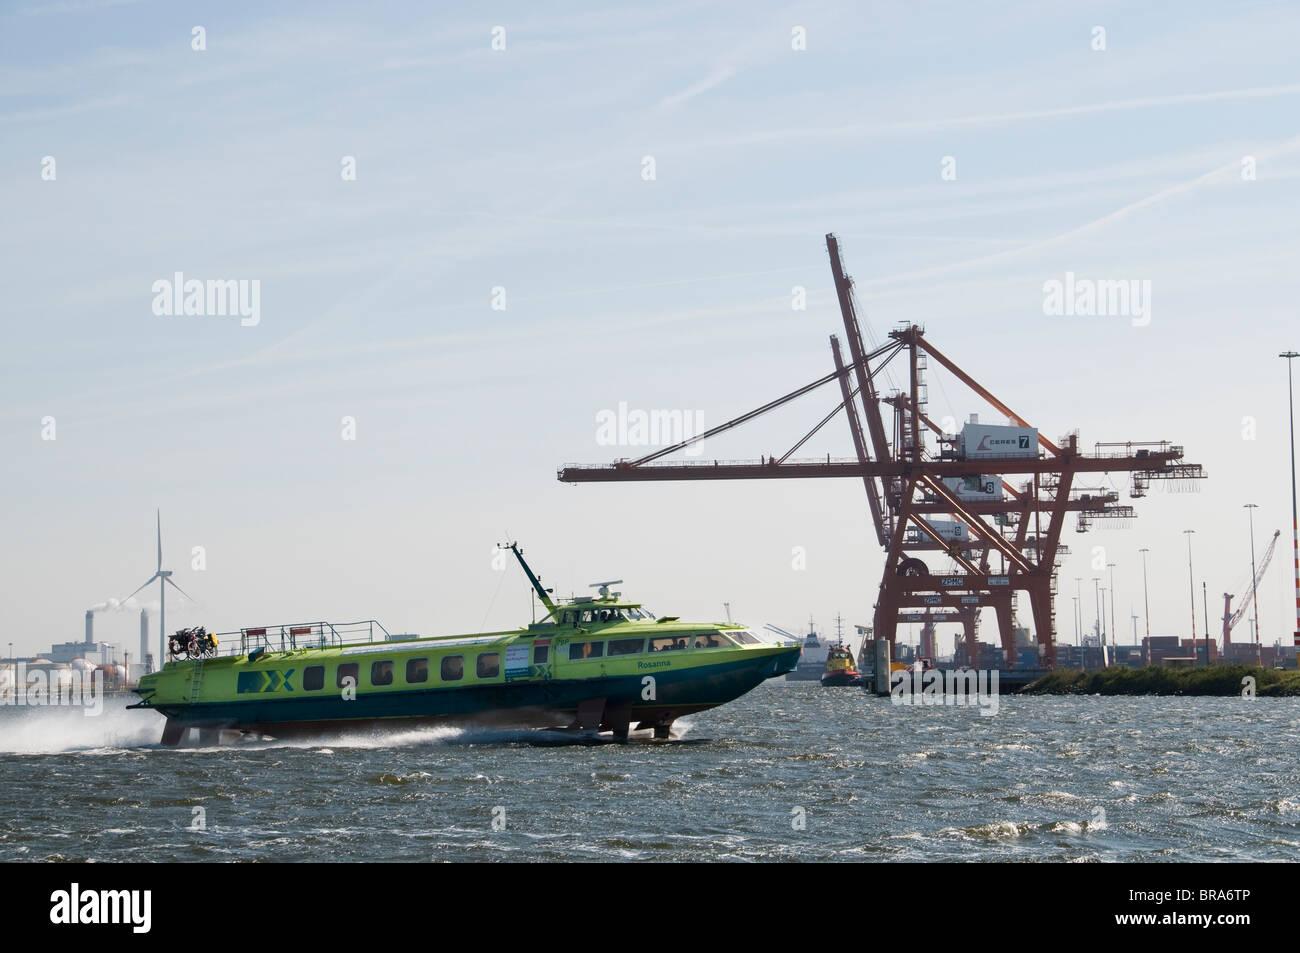 Niederlande Amsterdam schnell Hydrofoil Boote schnell fliegen Ferries Noordzeekanaal Stockbild